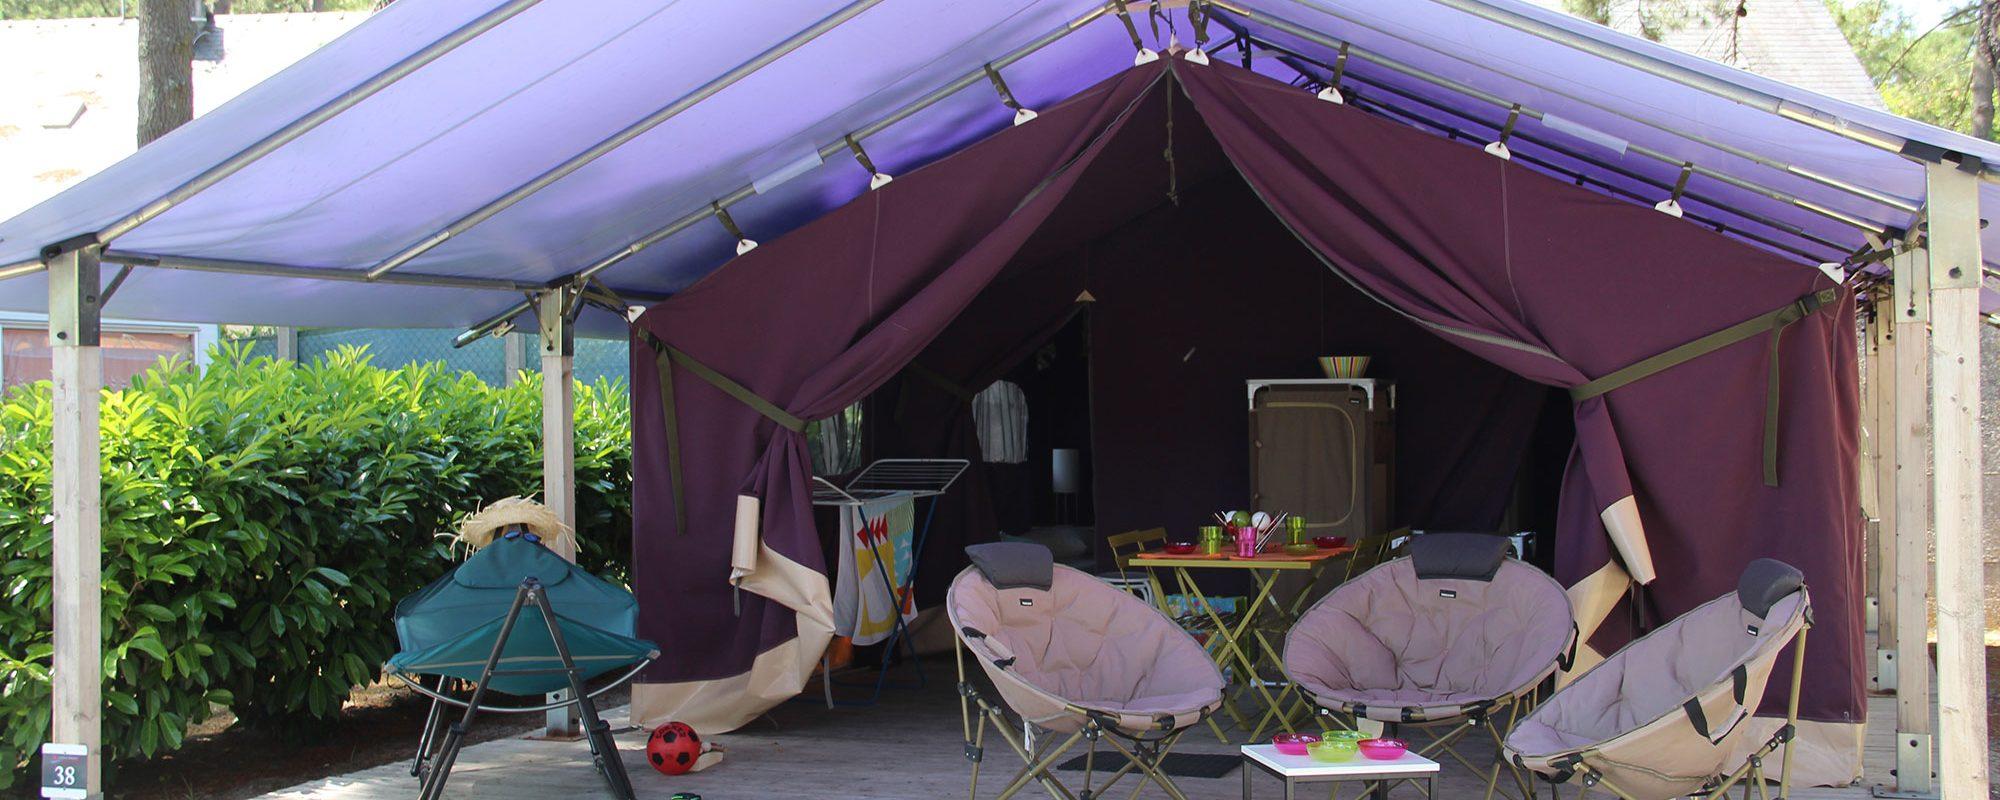 Location de mobil-home Aloa 2 chambre à Guérande : exterieur